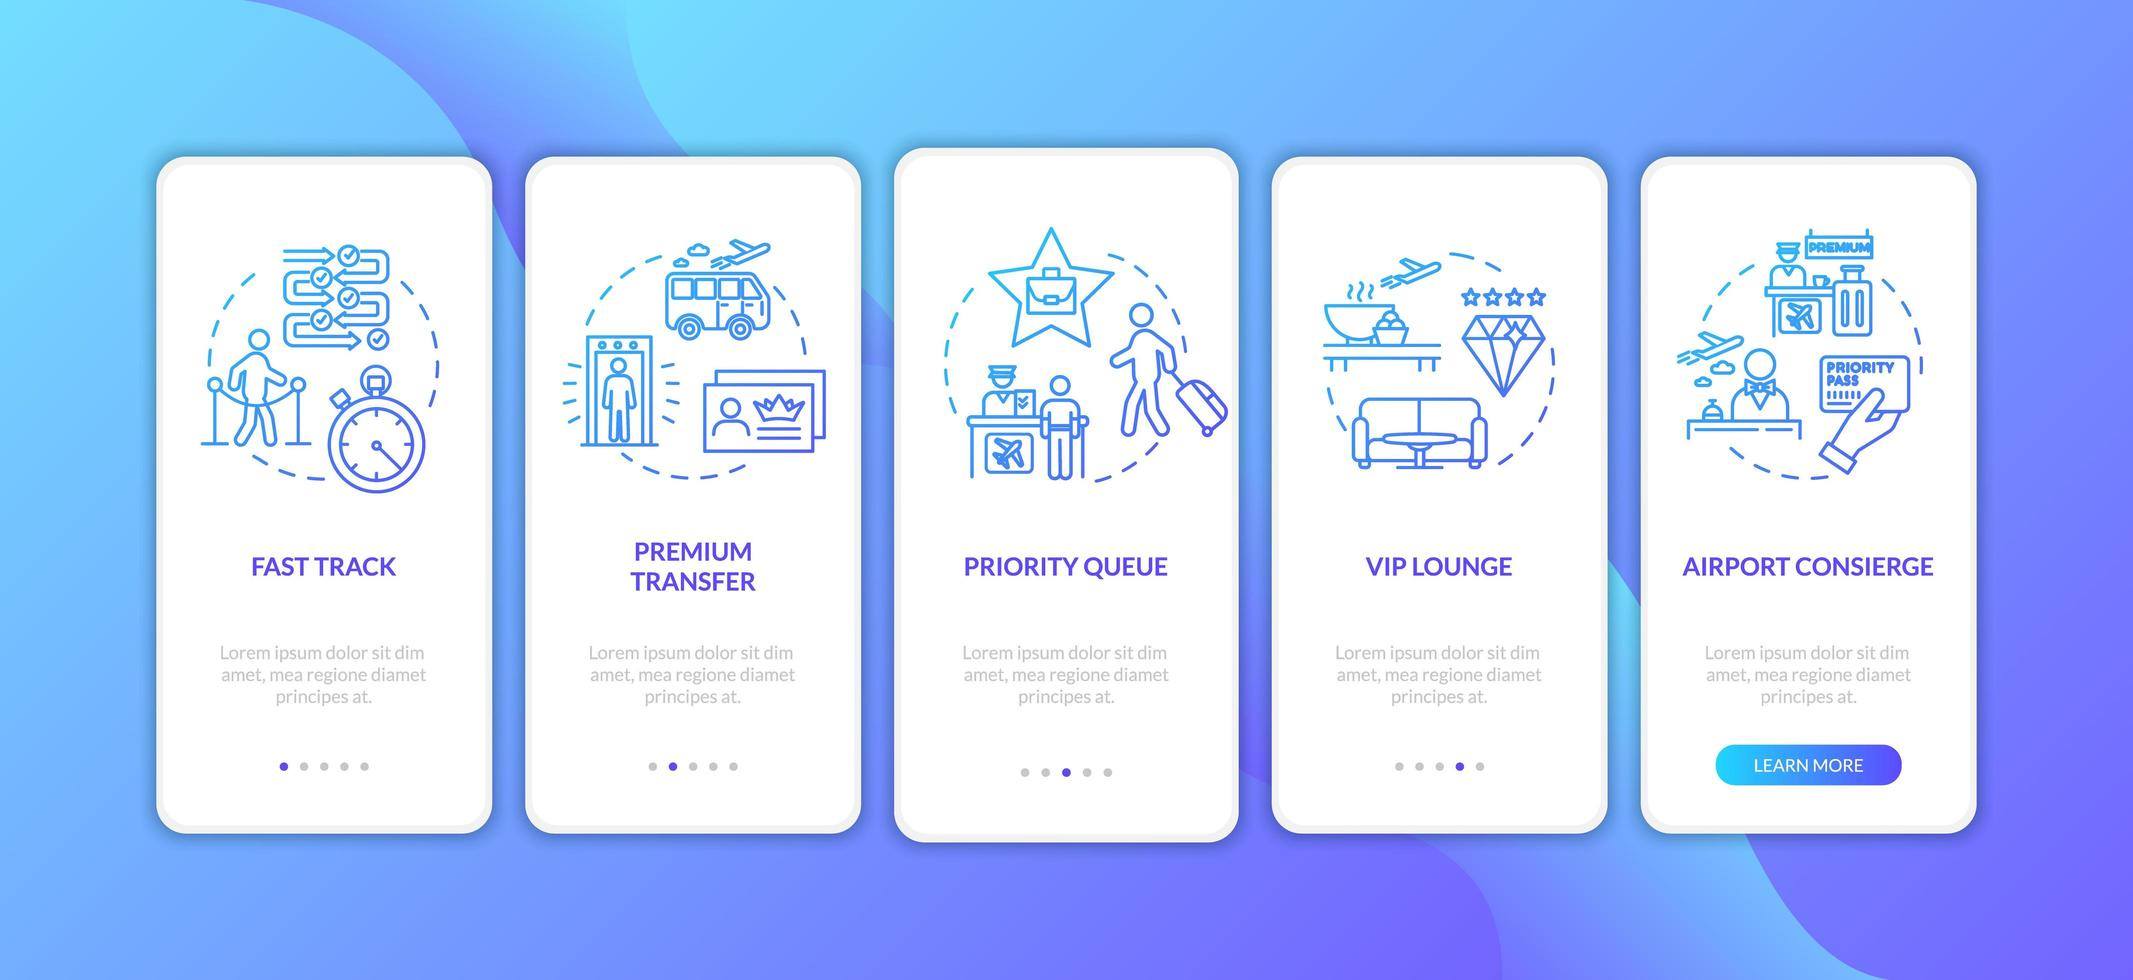 Flughafen Premium Service Onboarding Mobile App Seite Bildschirm mit Konzepten. vektor